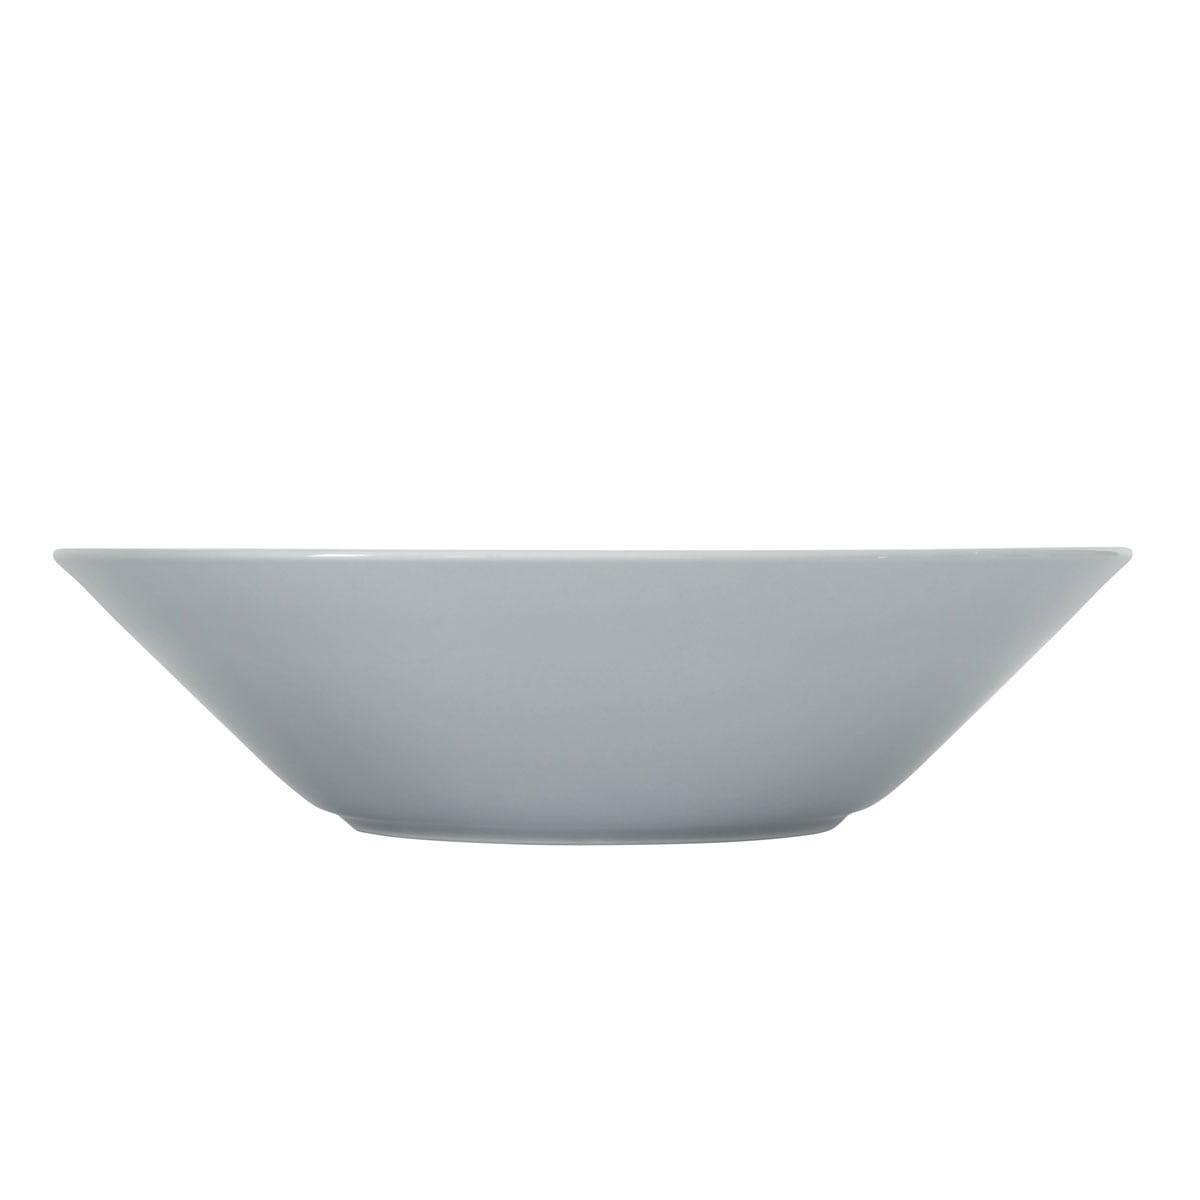 Iittala - Teema Schale / Teller tief Ø 21 cm, perlgrau | Küche und Esszimmer > Besteck und Geschirr | Perlgrau | Iittala